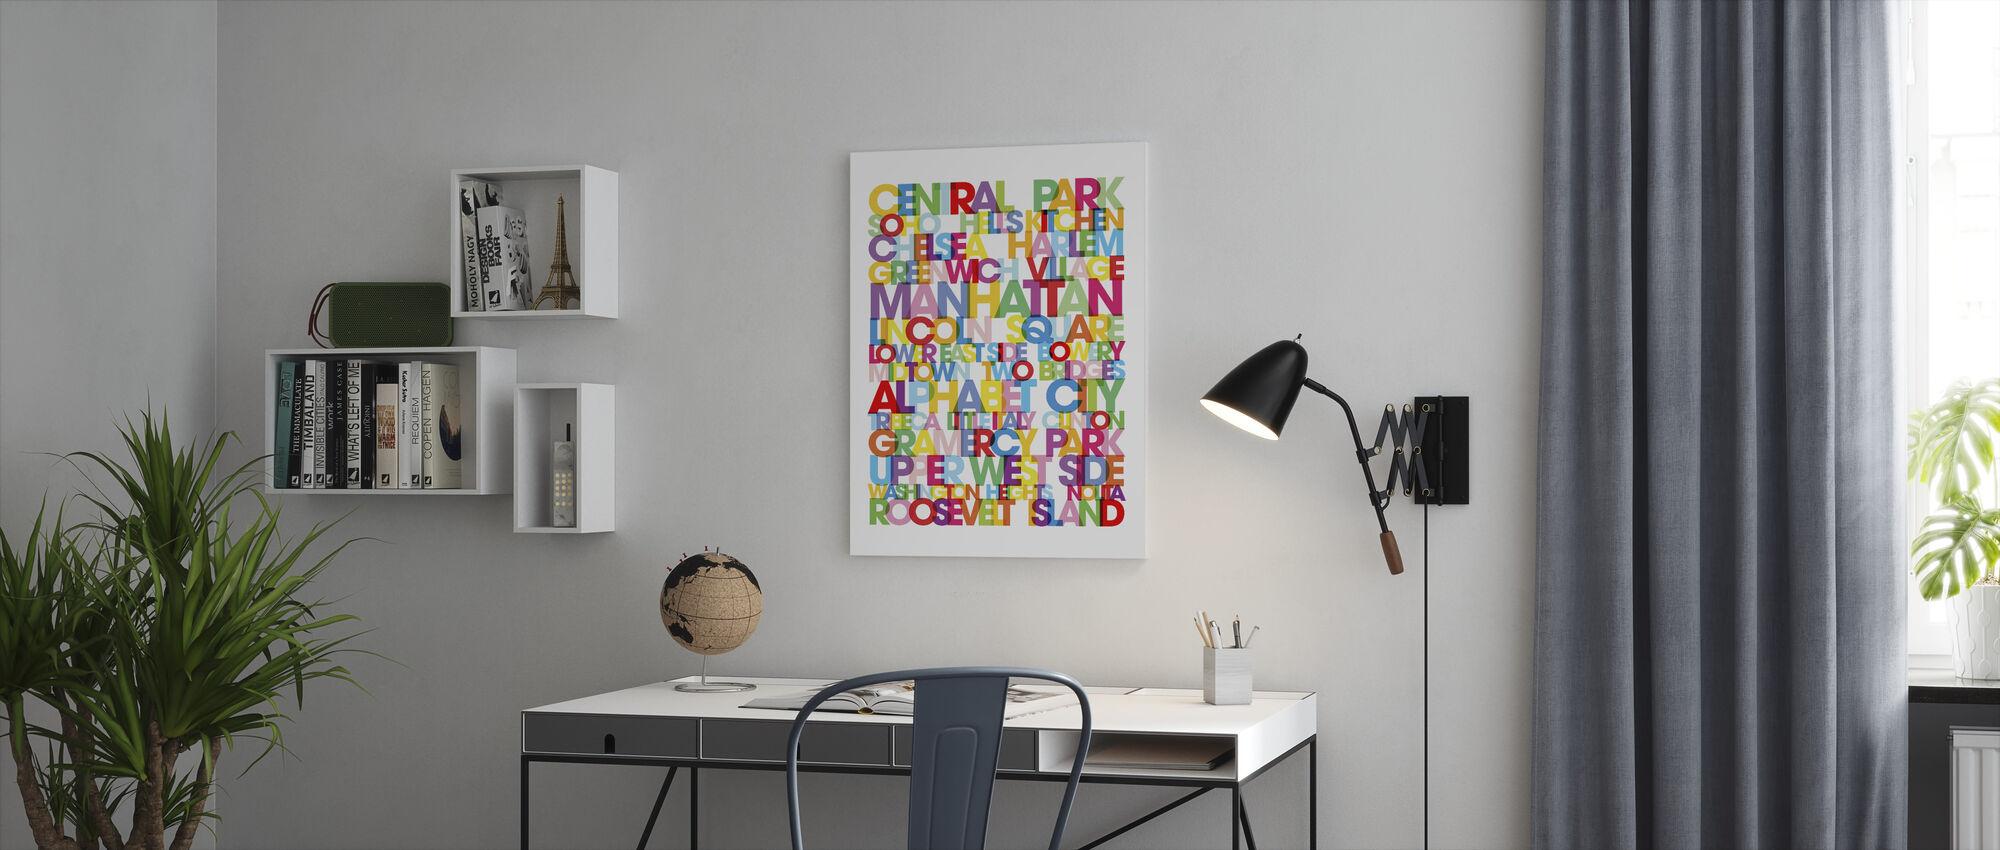 Manhattan Boroughs Bus Blind - Canvas print - Office